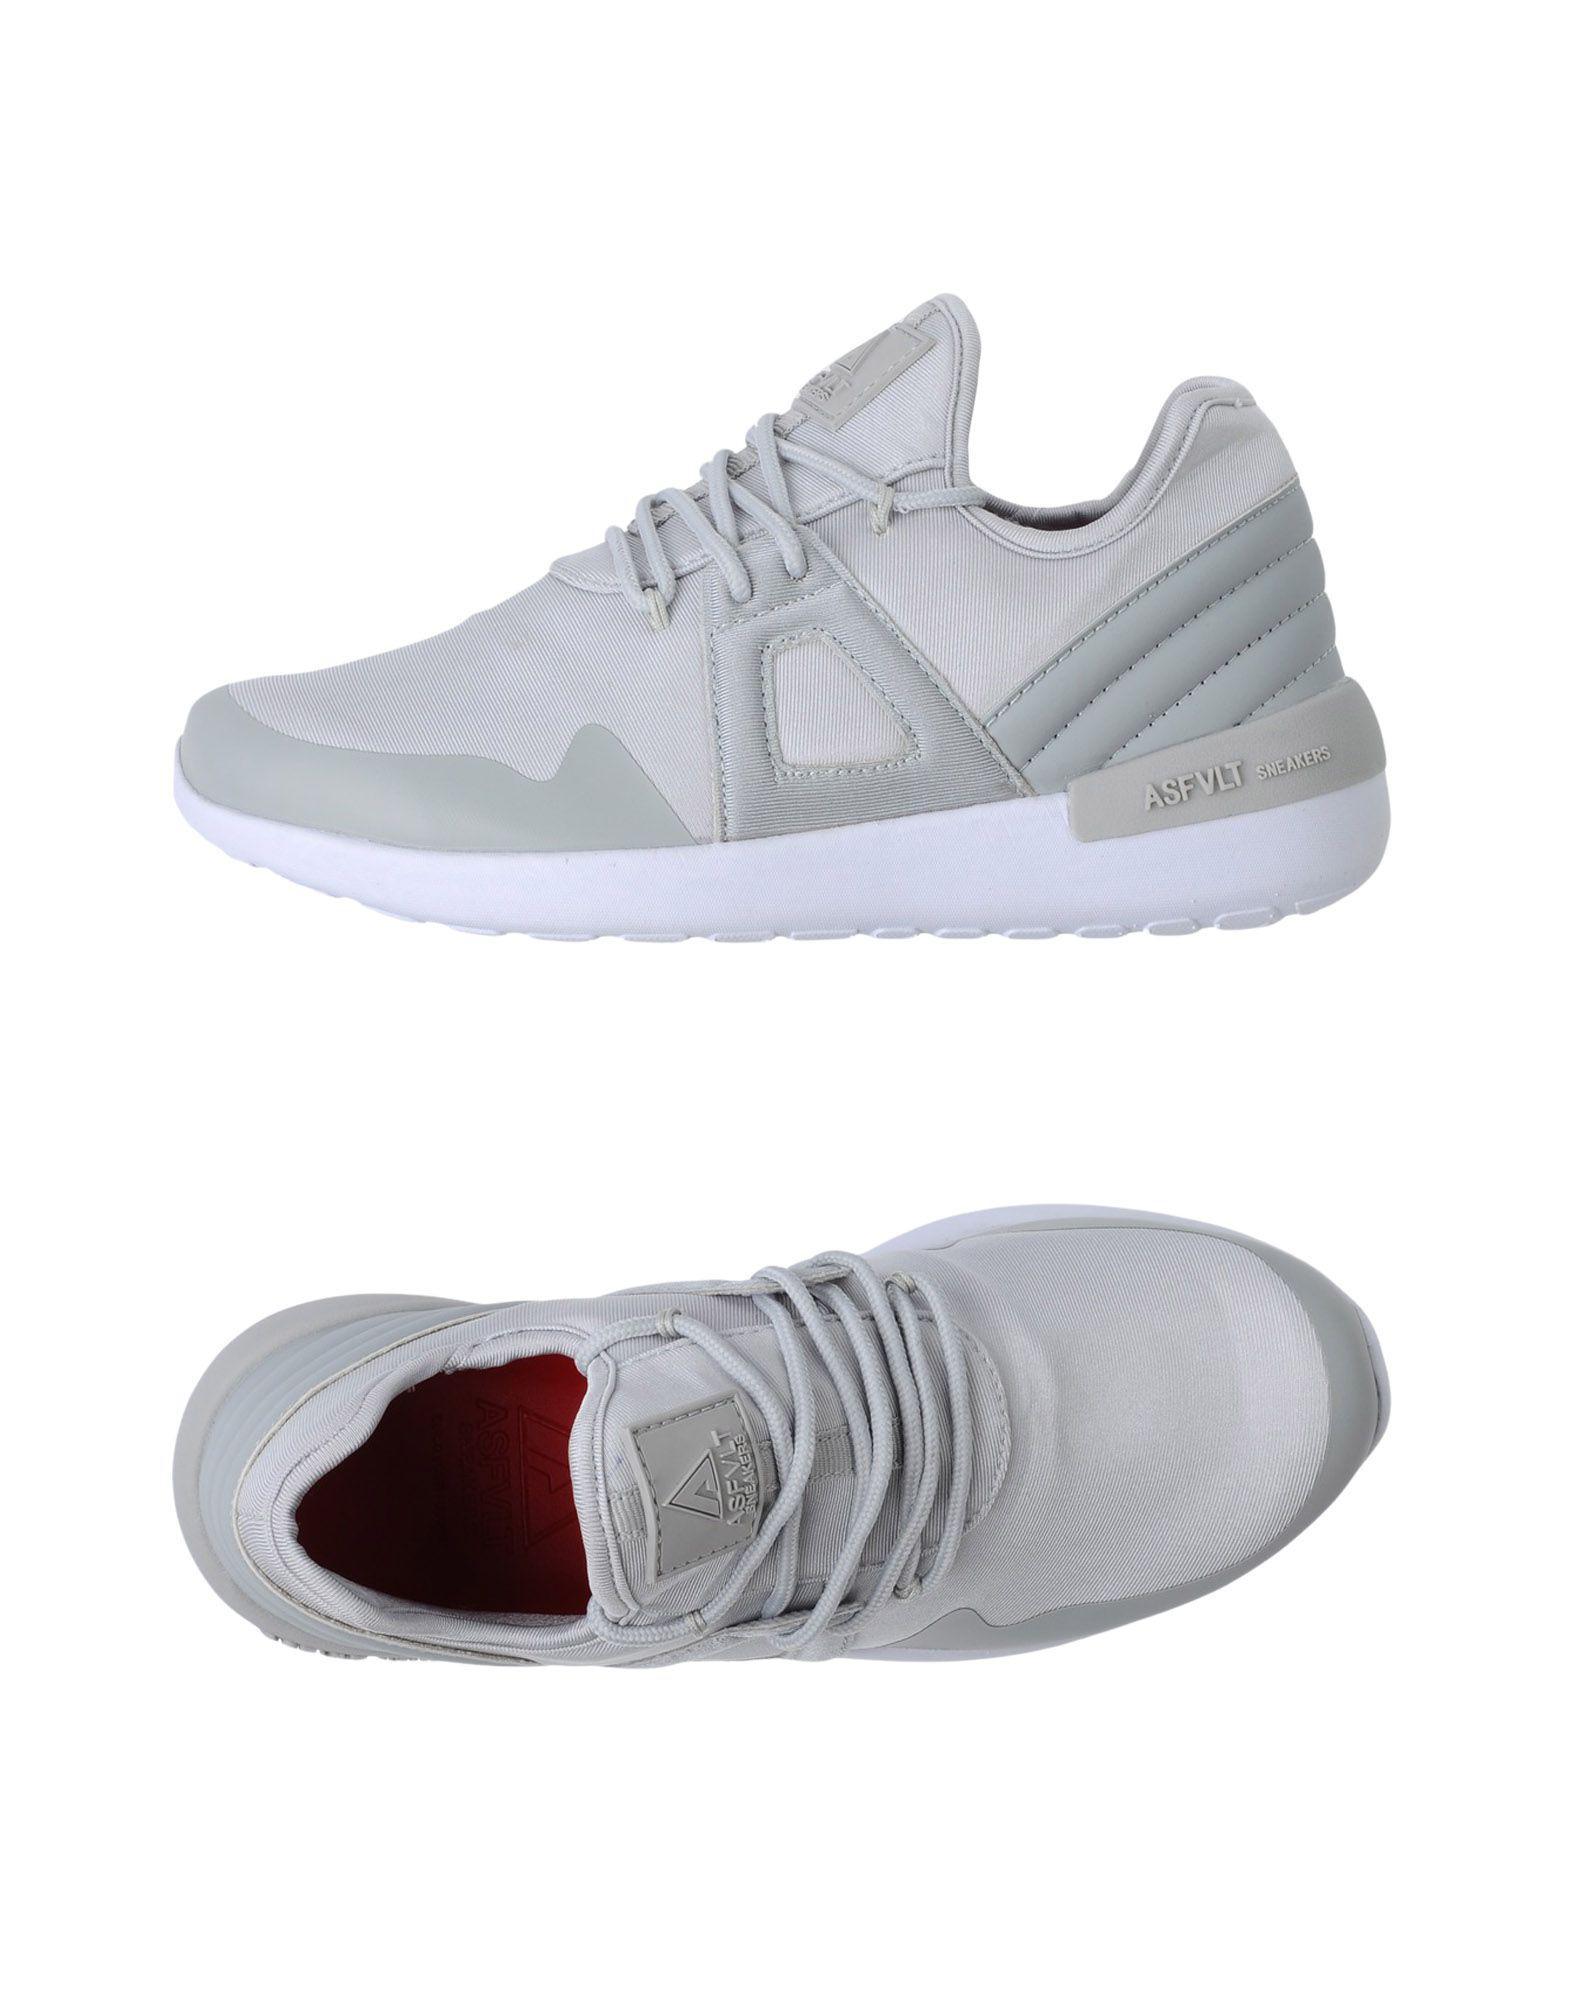 Chaussures - Bas-tops Et Baskets Asfvlt Chaussures De Sport Ncz8nv9KTL